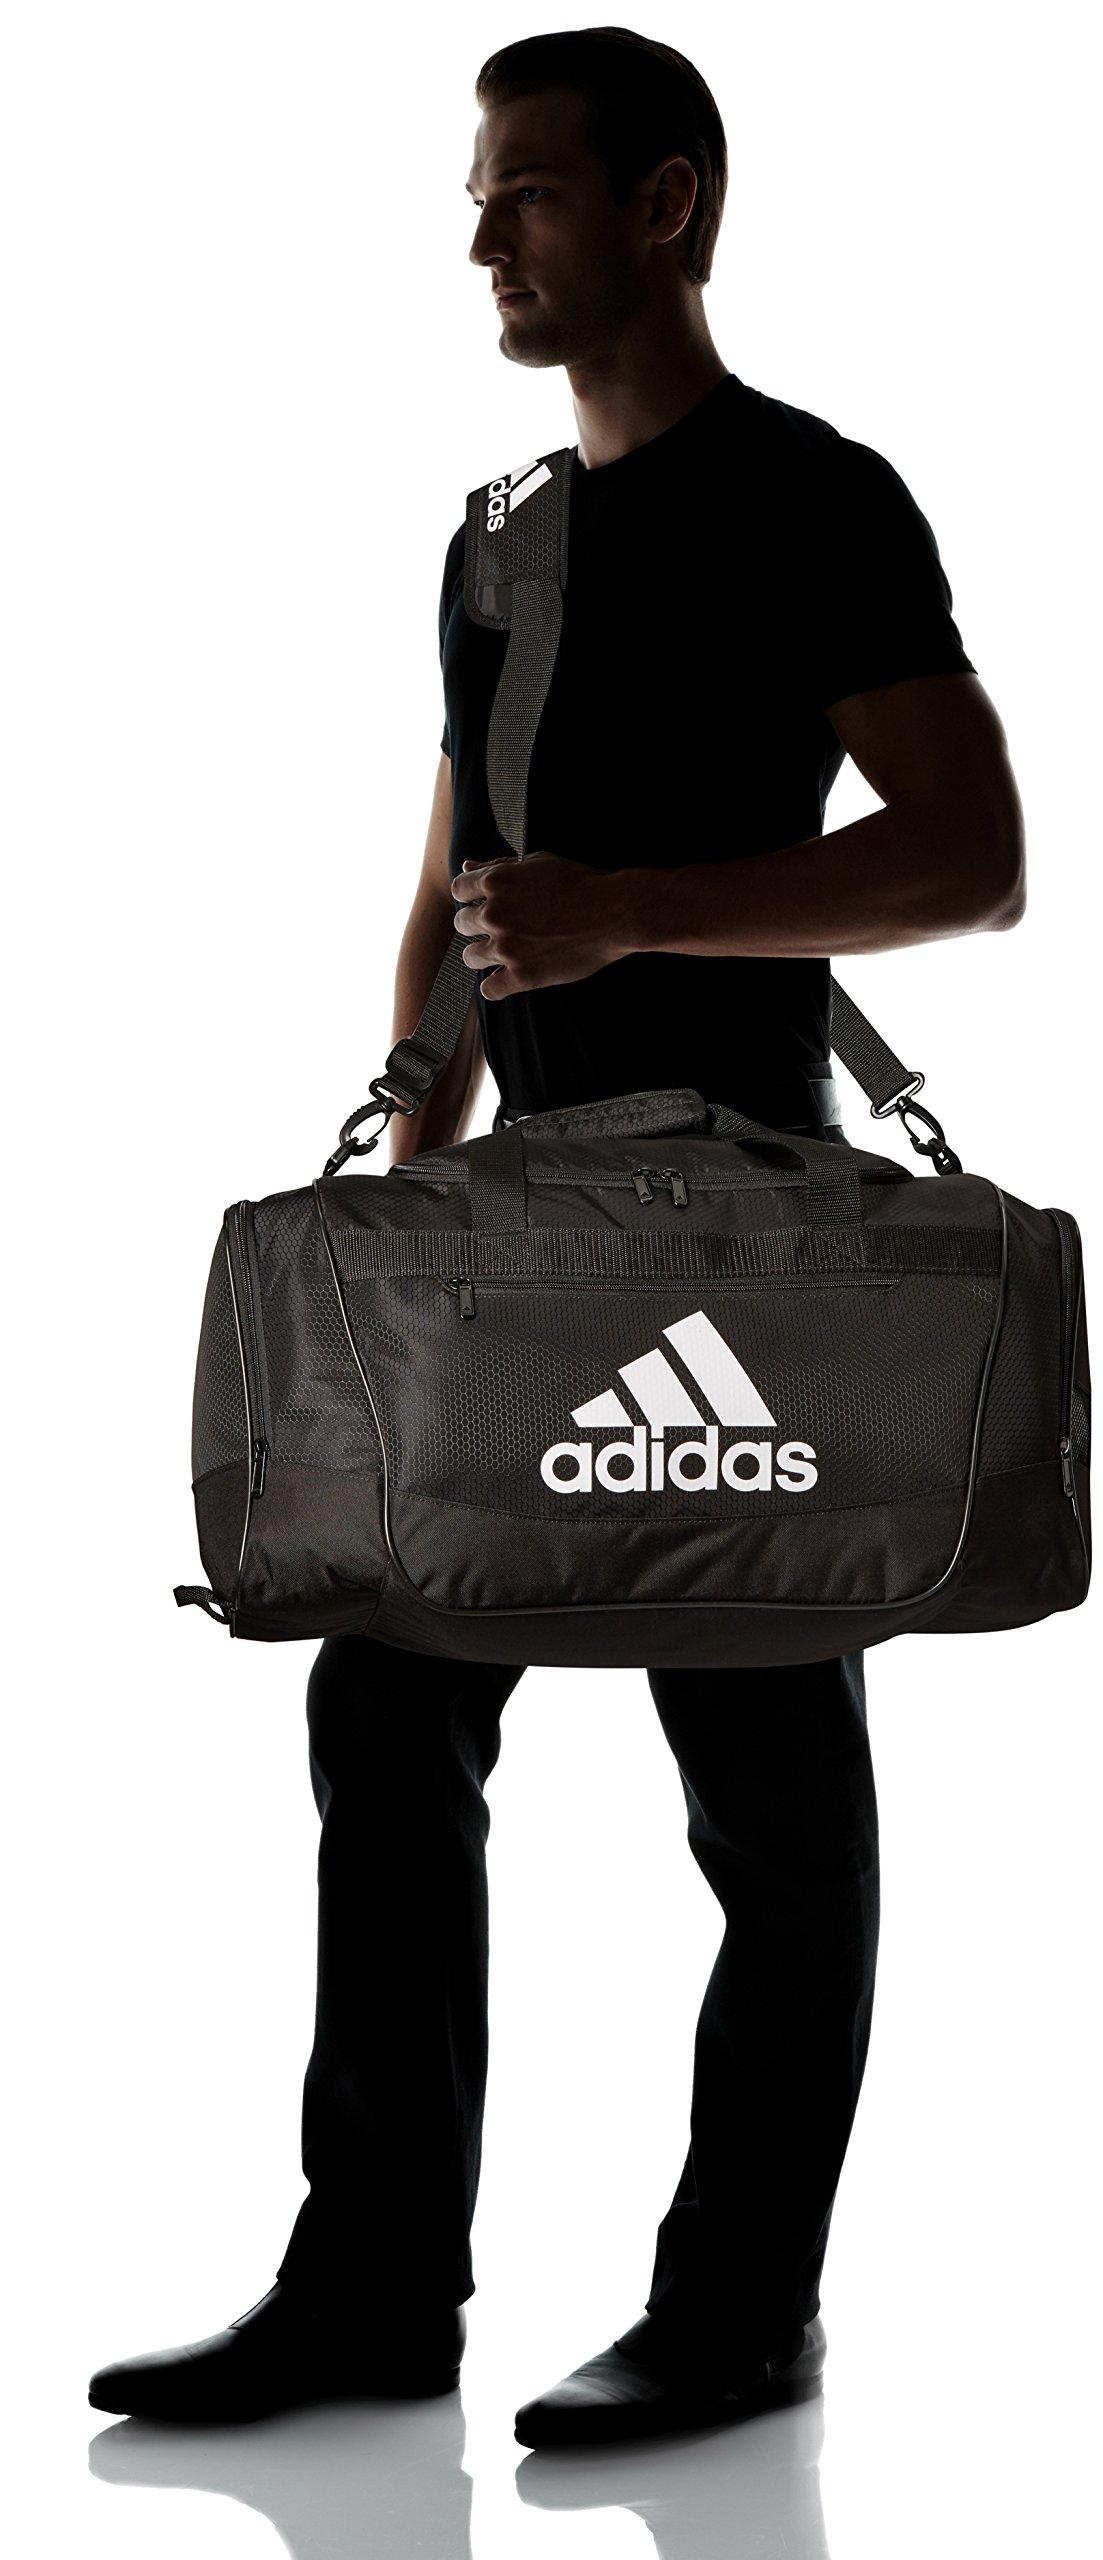 8d4815f9a13a adidas Defender III Duffel Bag - Walmart.com